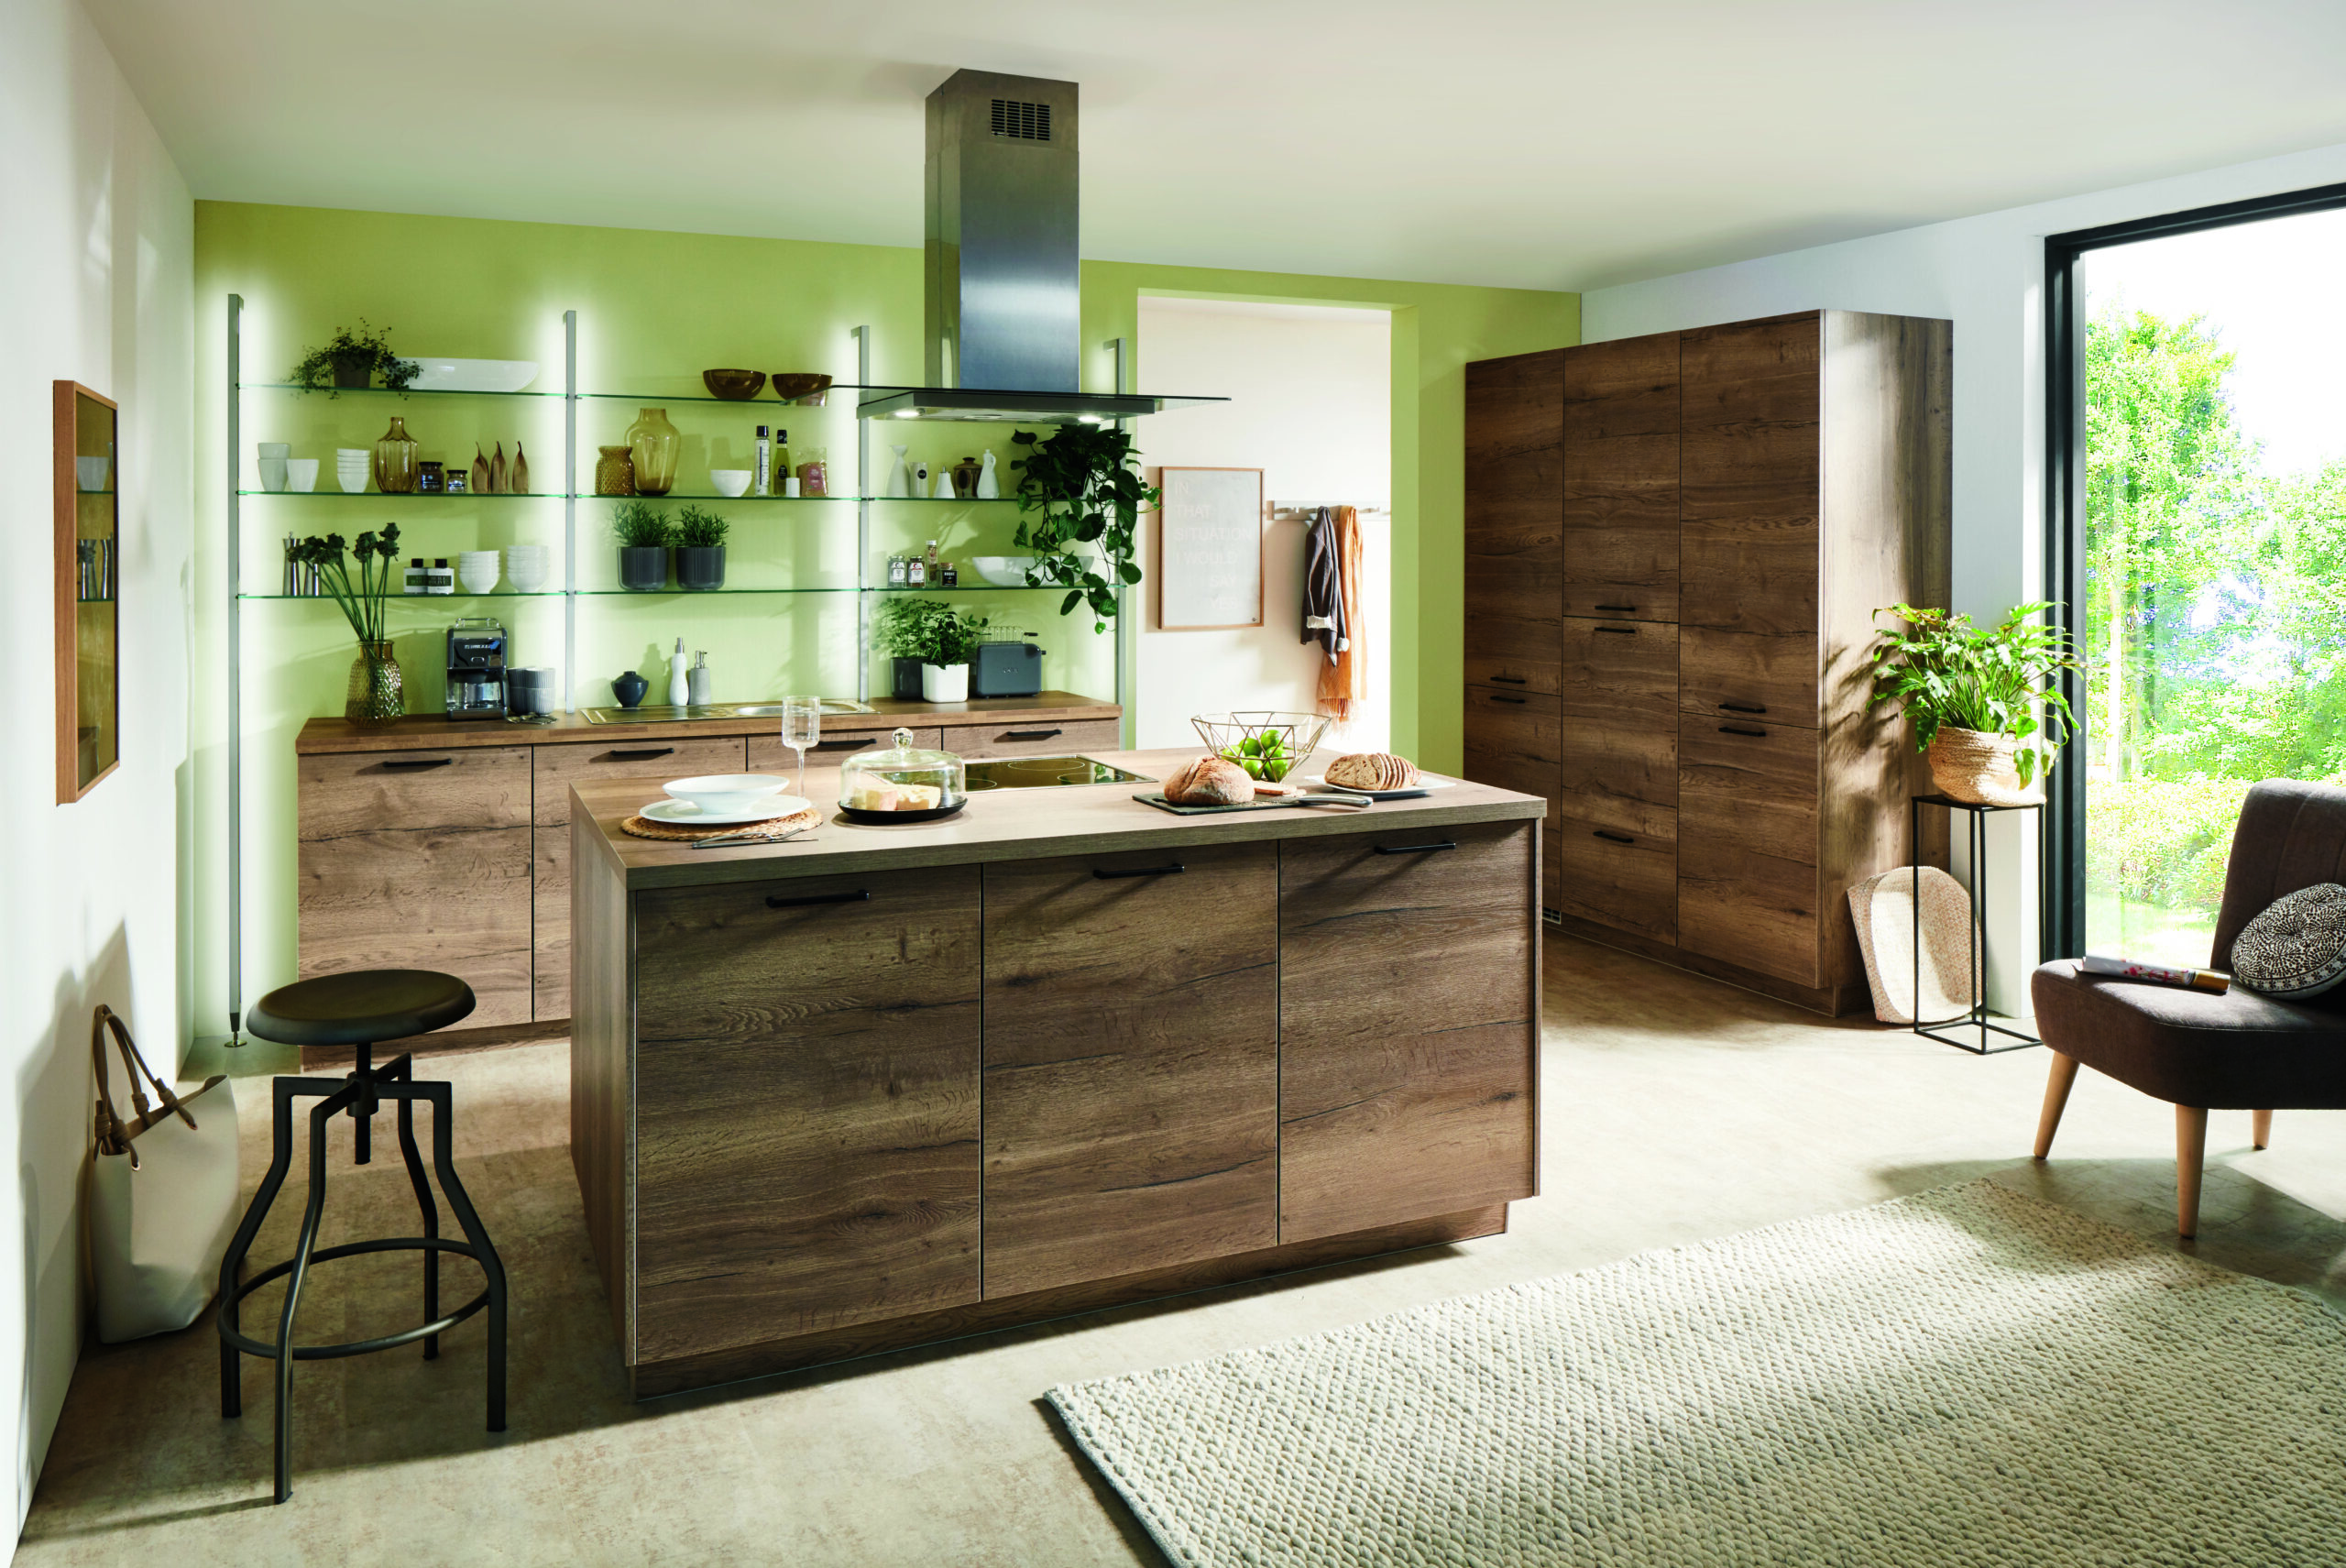 Full Size of Alternative Küchen Nachhaltige Kchen Planen Kcheco Regal Sofa Alternatives Wohnzimmer Alternative Küchen